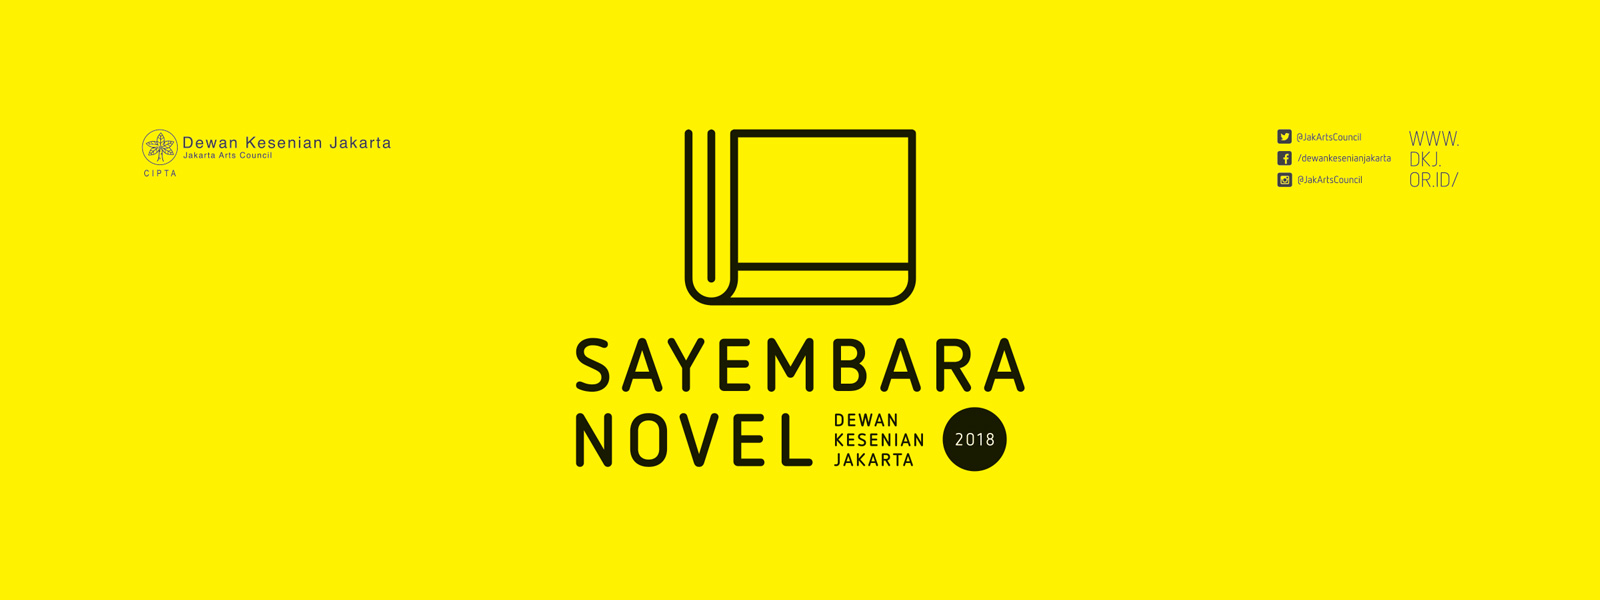 Sayembara Novel Dewan Kesenian Jakarta 2018